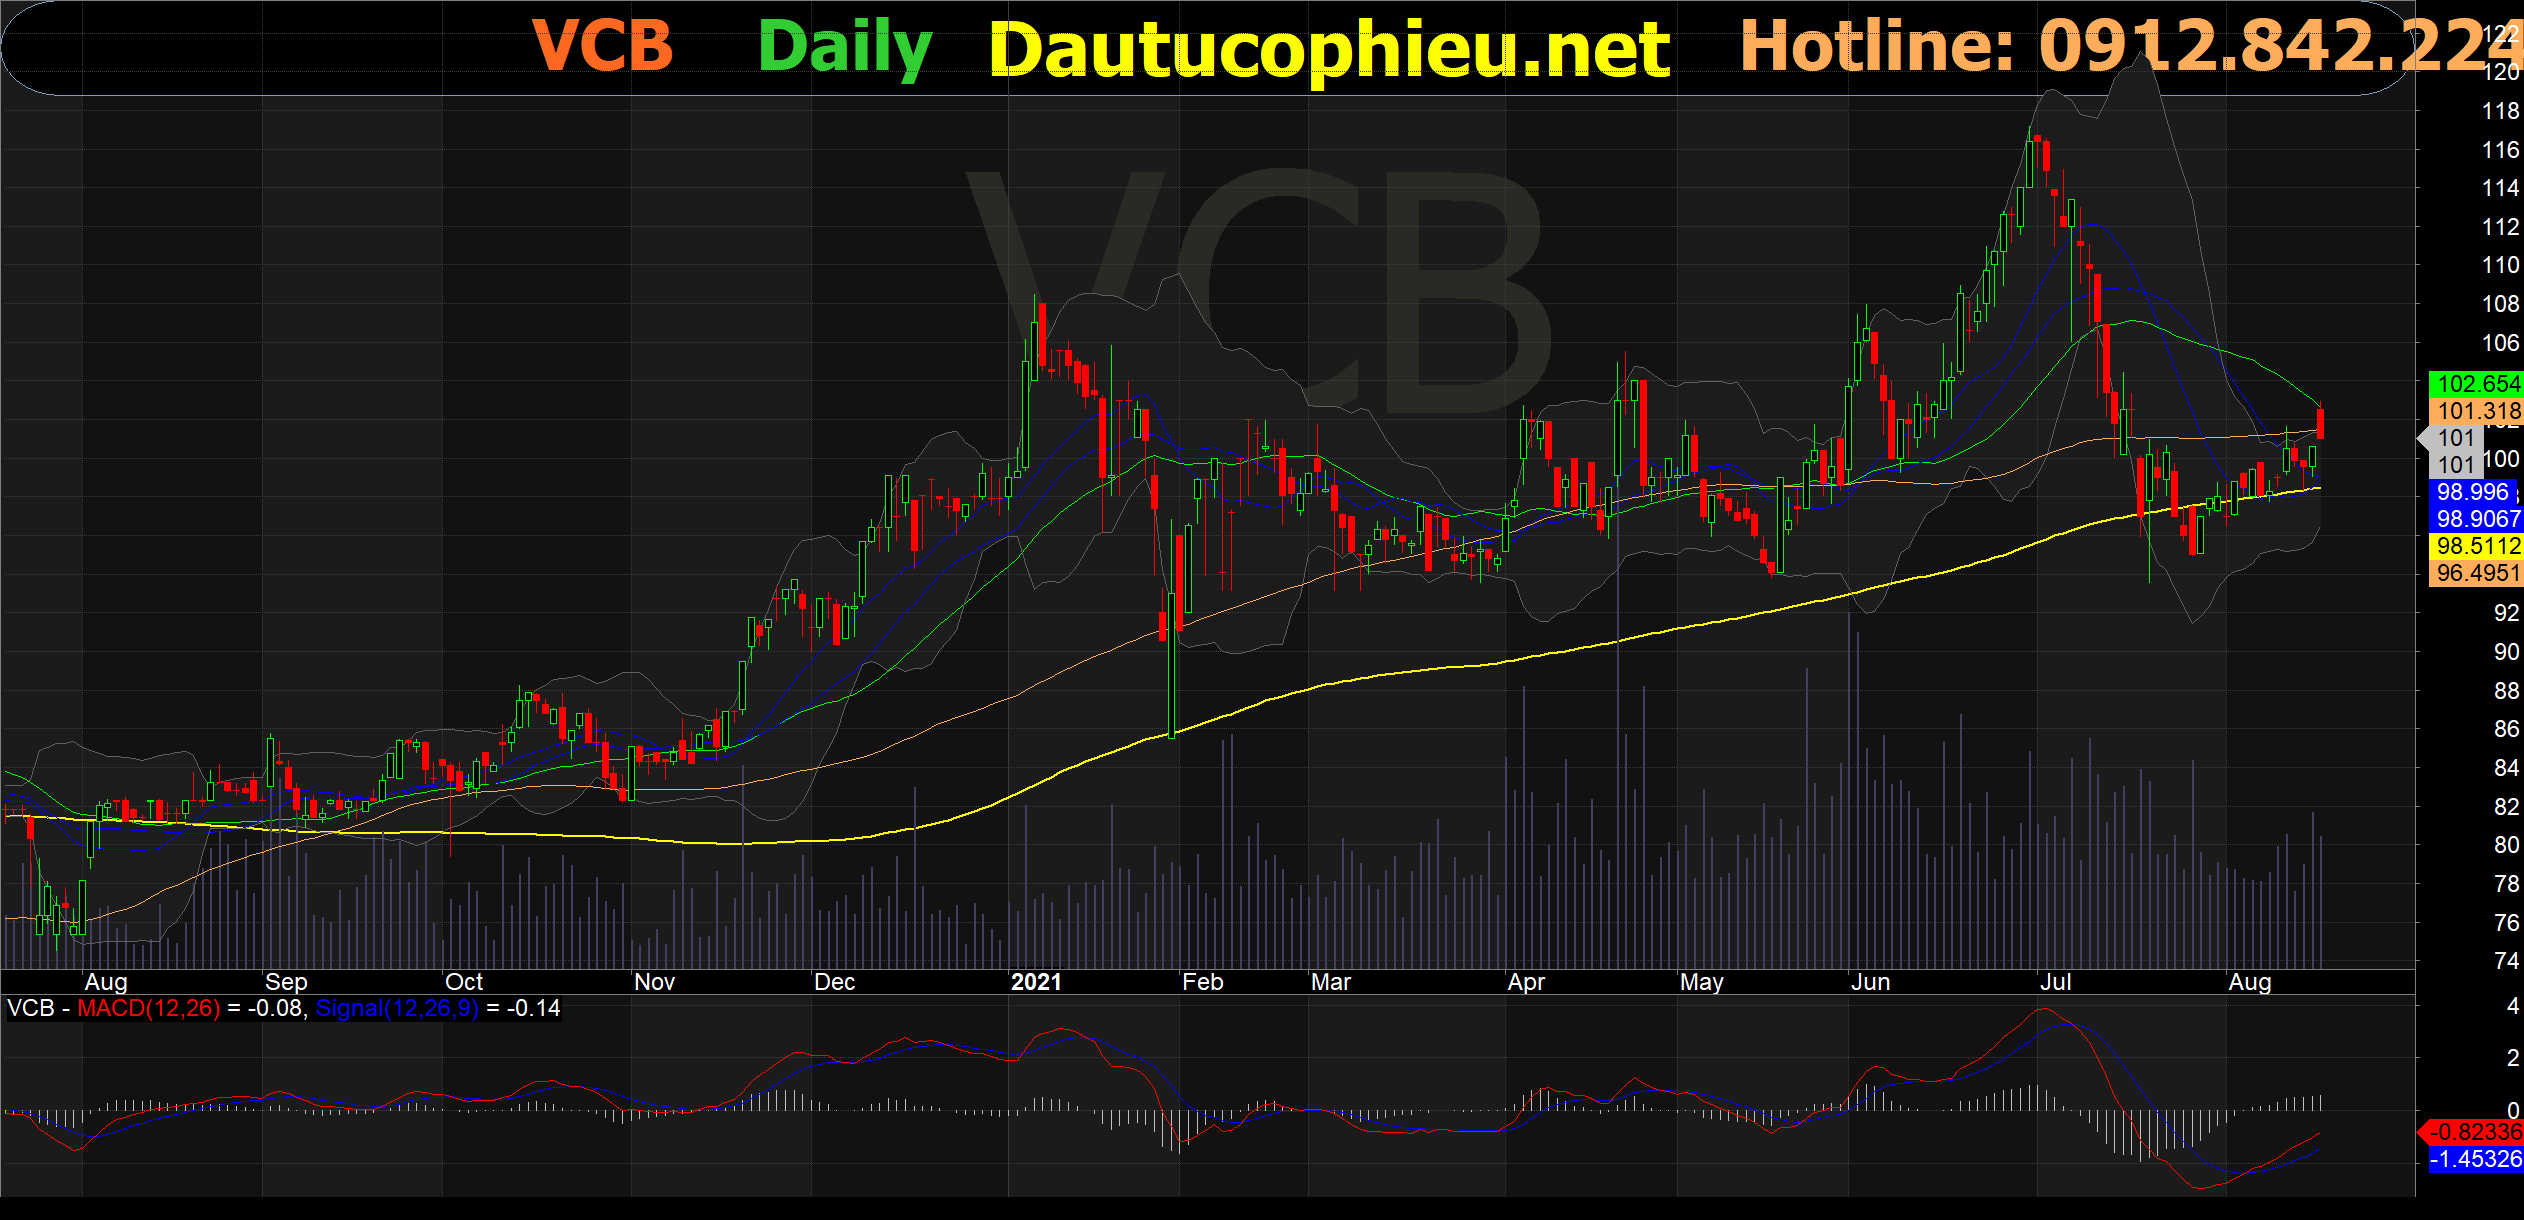 Đồ thị cổ phiếu VCB phiên giao dịch ngày 17/08/2021. Nguồn: AmiBroker